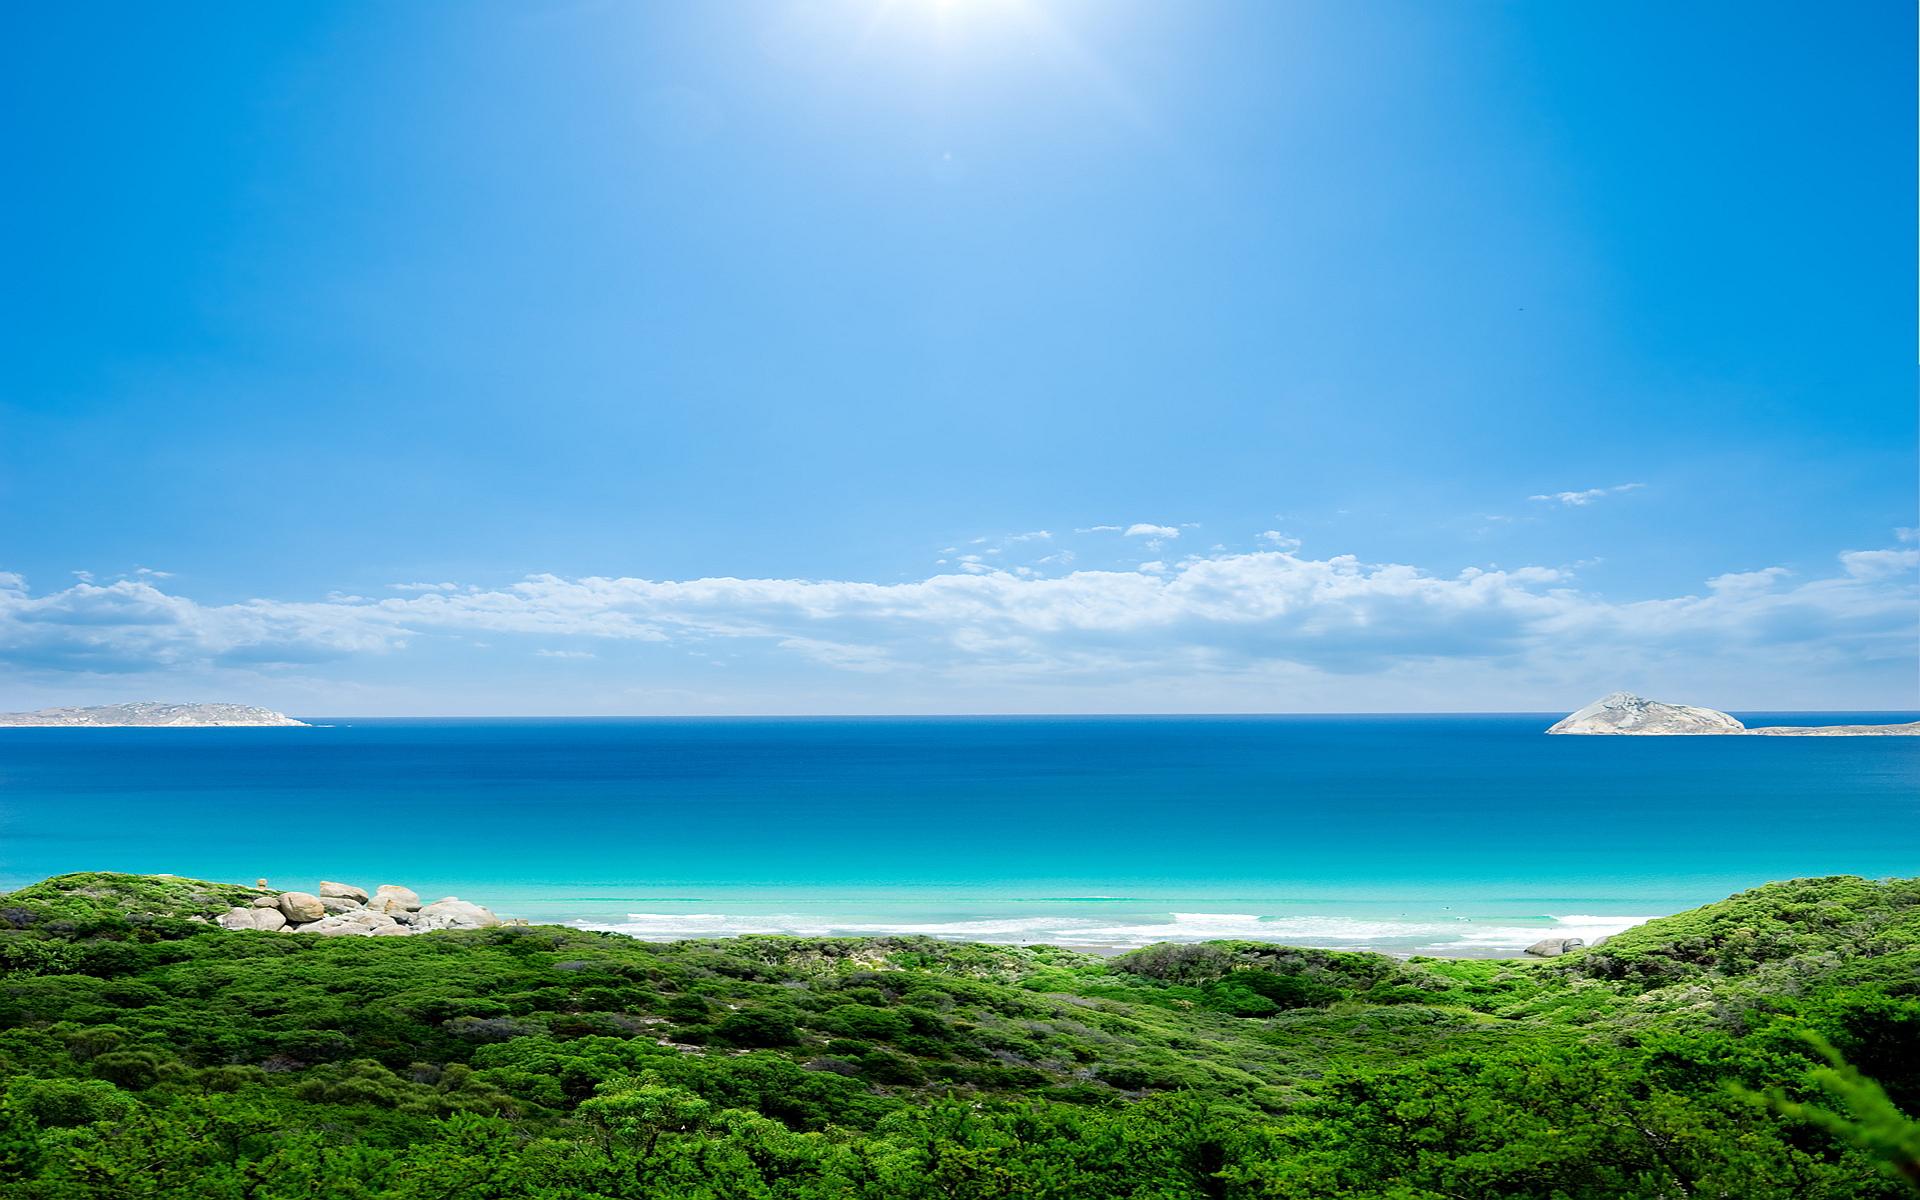 Sea Coastal Beach Hd Desktop Wallpapers 4k Hd